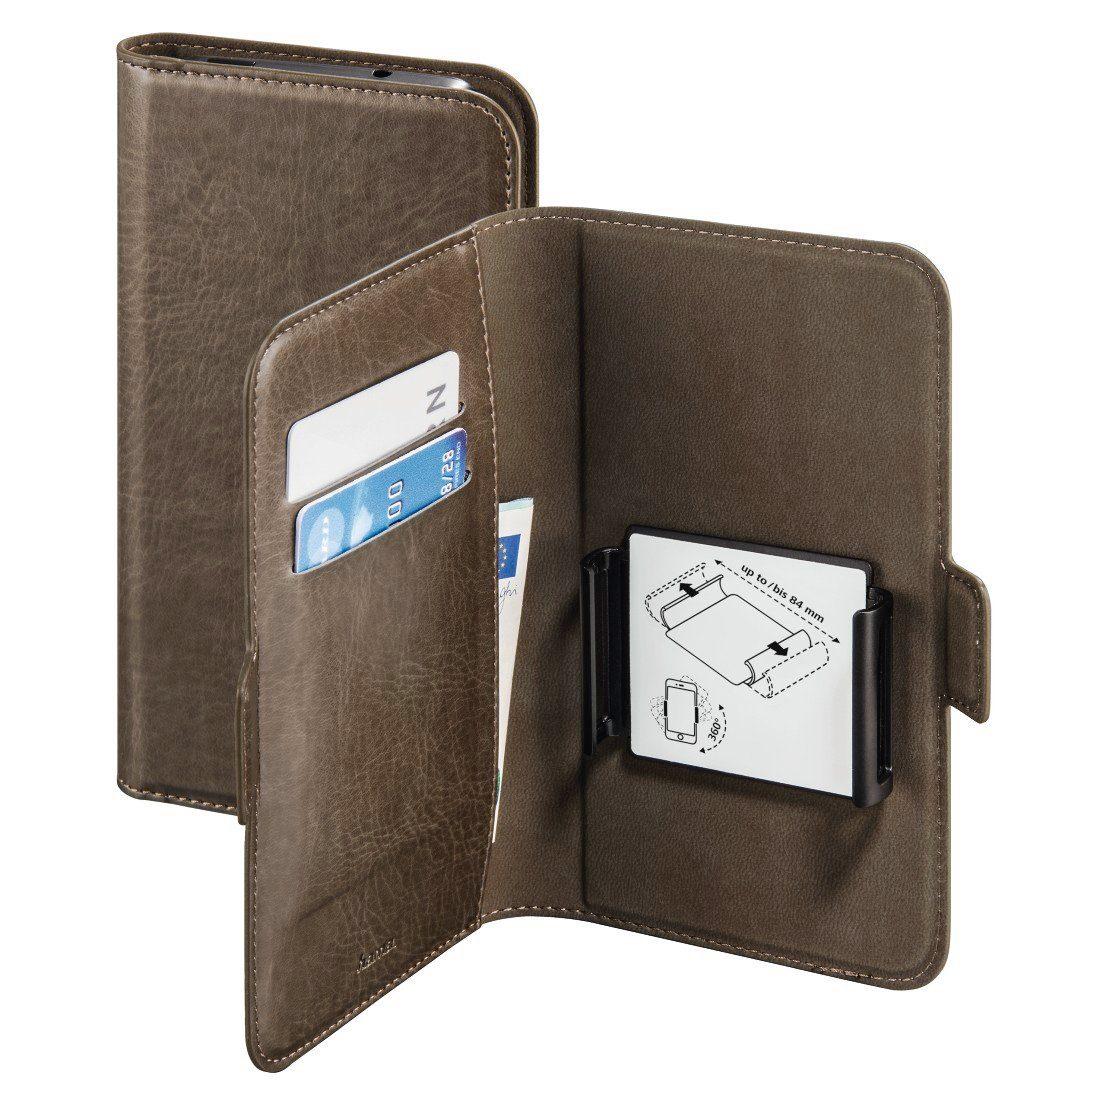 Hama Handytasche Handyhülle universal Tasche Hülle Smart Move »für Handys von 4,7 - 5,1 Zoll«